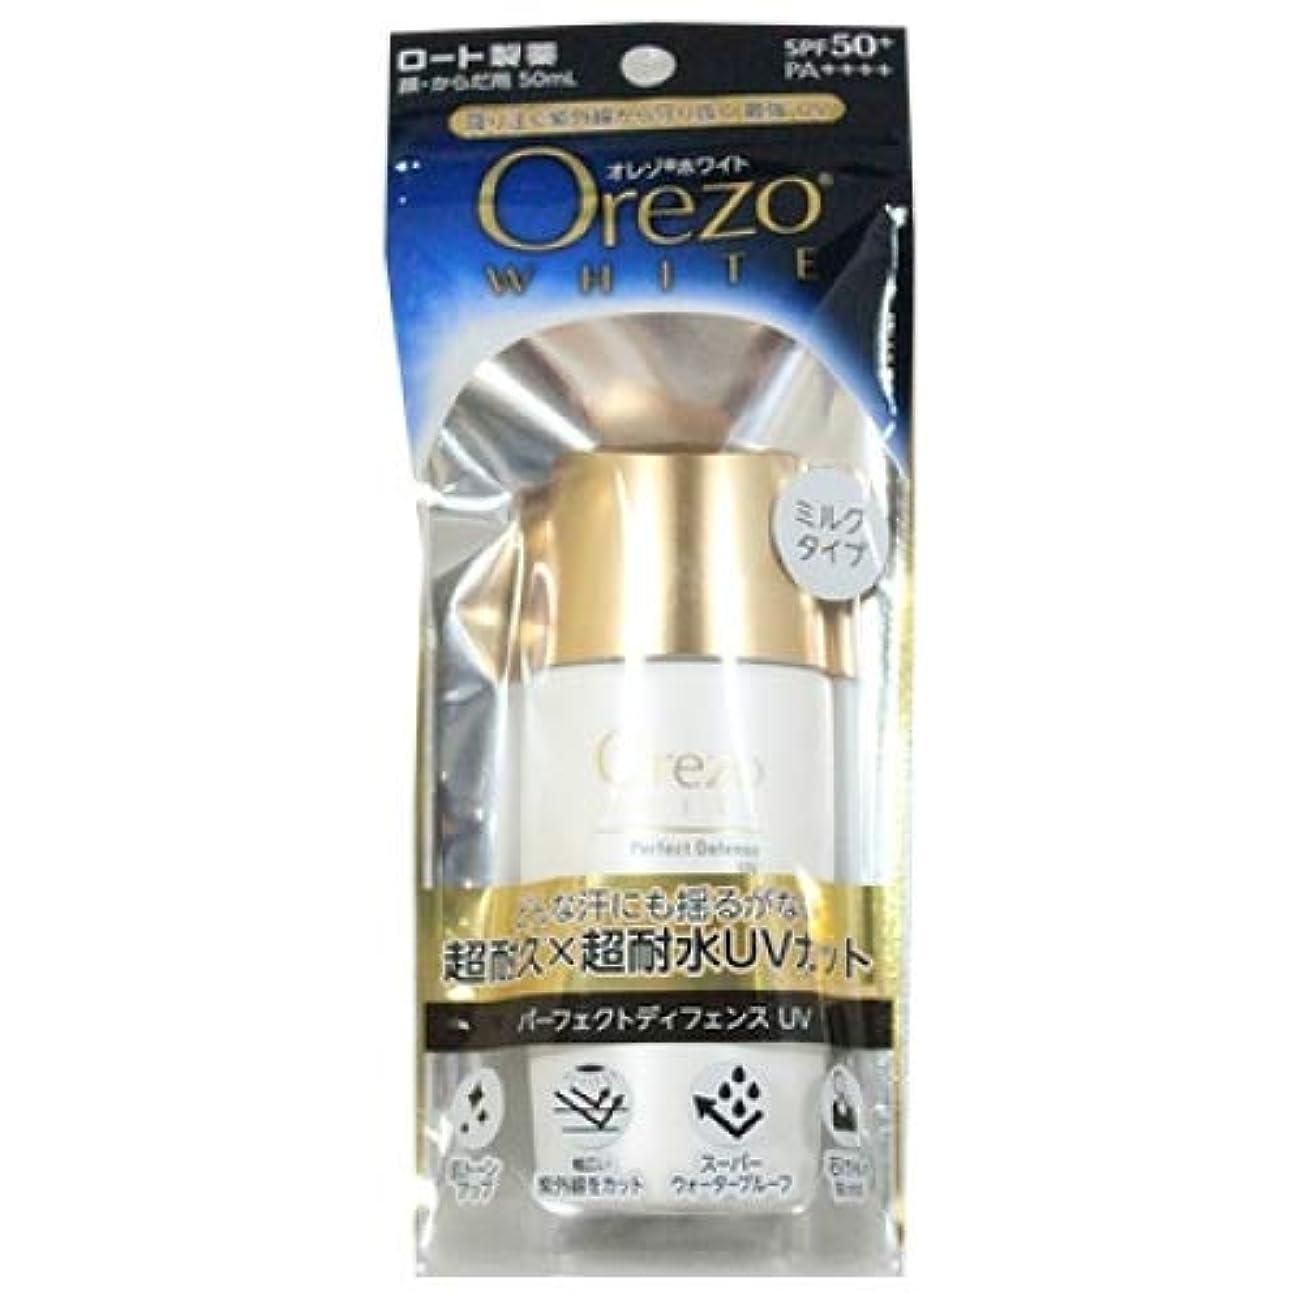 才能それ失望ロート製薬 Orezo オレゾ ホワイト パーフェクトディフェンスUVa SPF50+ PA++++ (50mL)